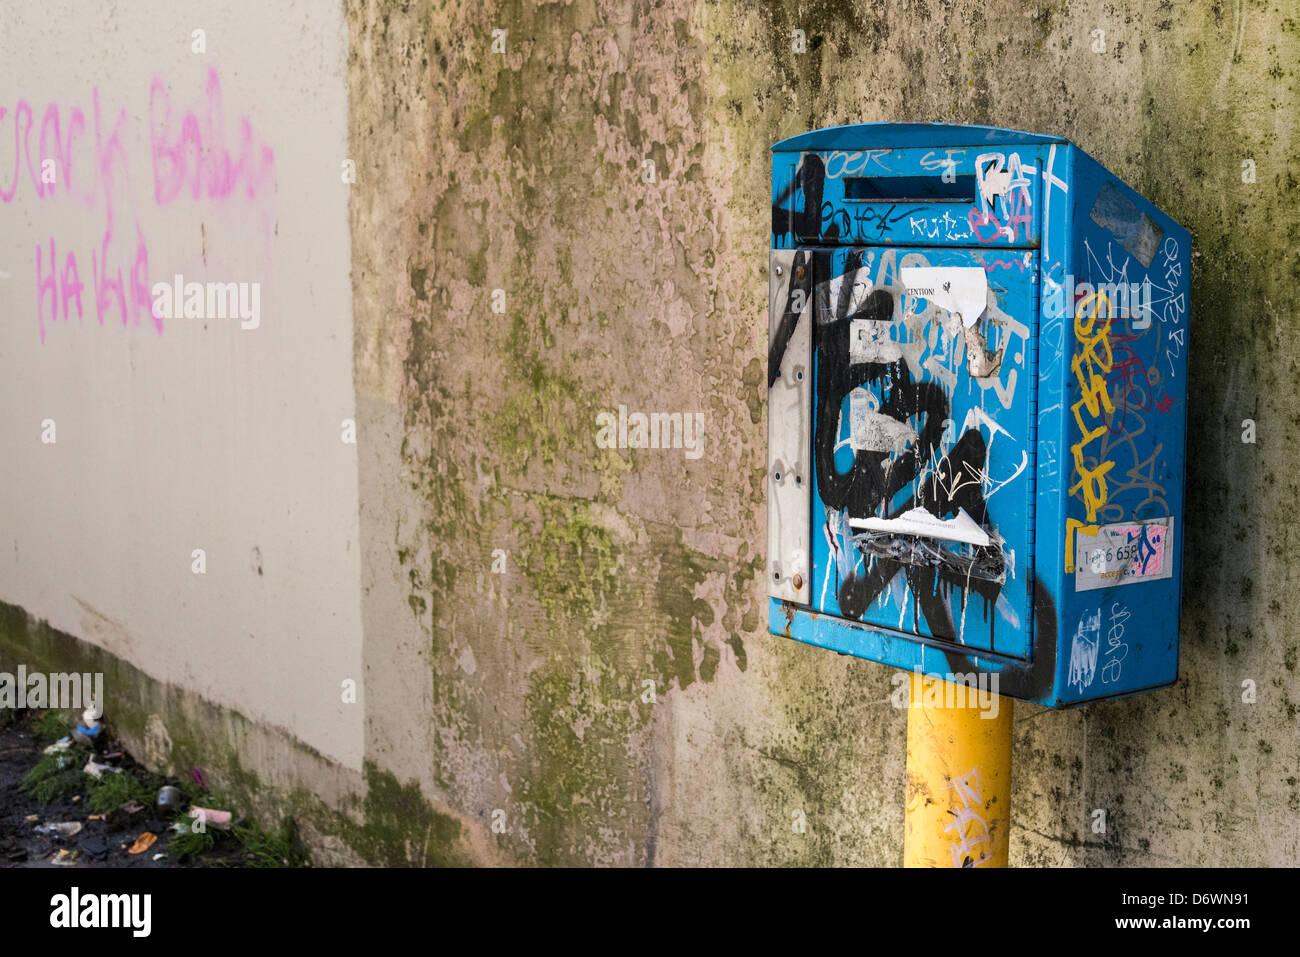 Aiguille utilisée drop box, DTES, centre-ville de Vancouver, Vancouver, Colombie-Britannique, Canada Photo Stock